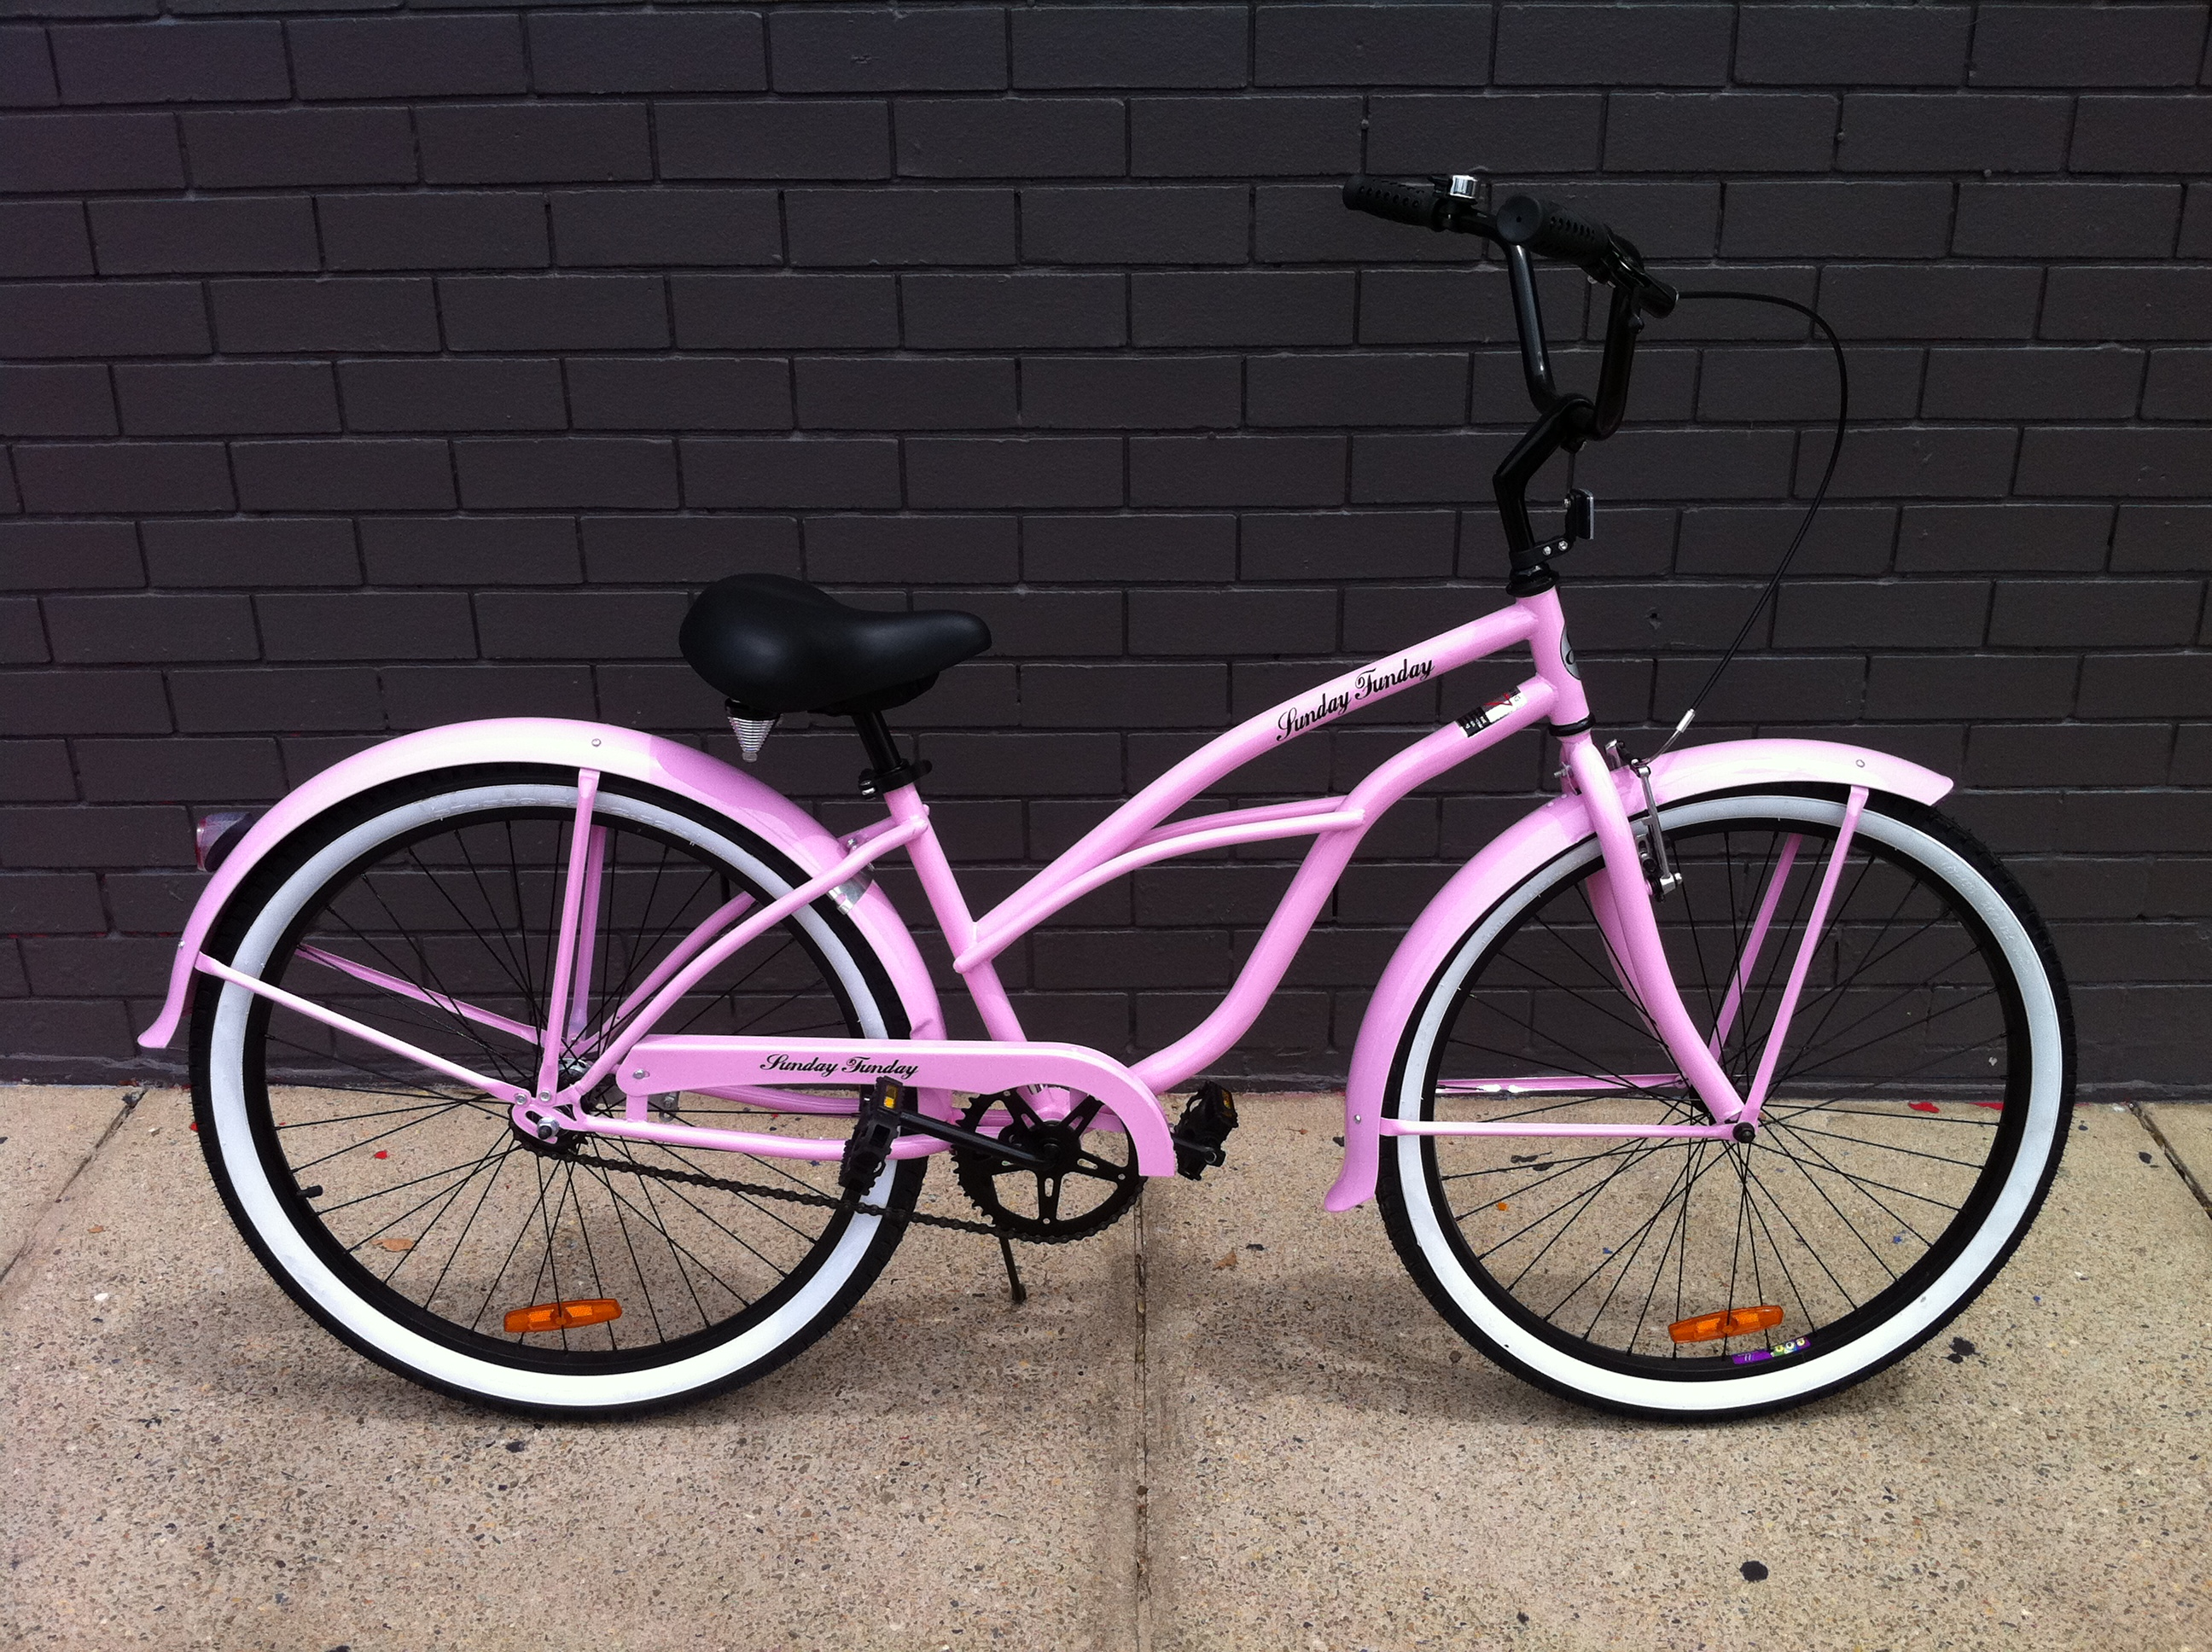 Sunday Funday Bikes - ...